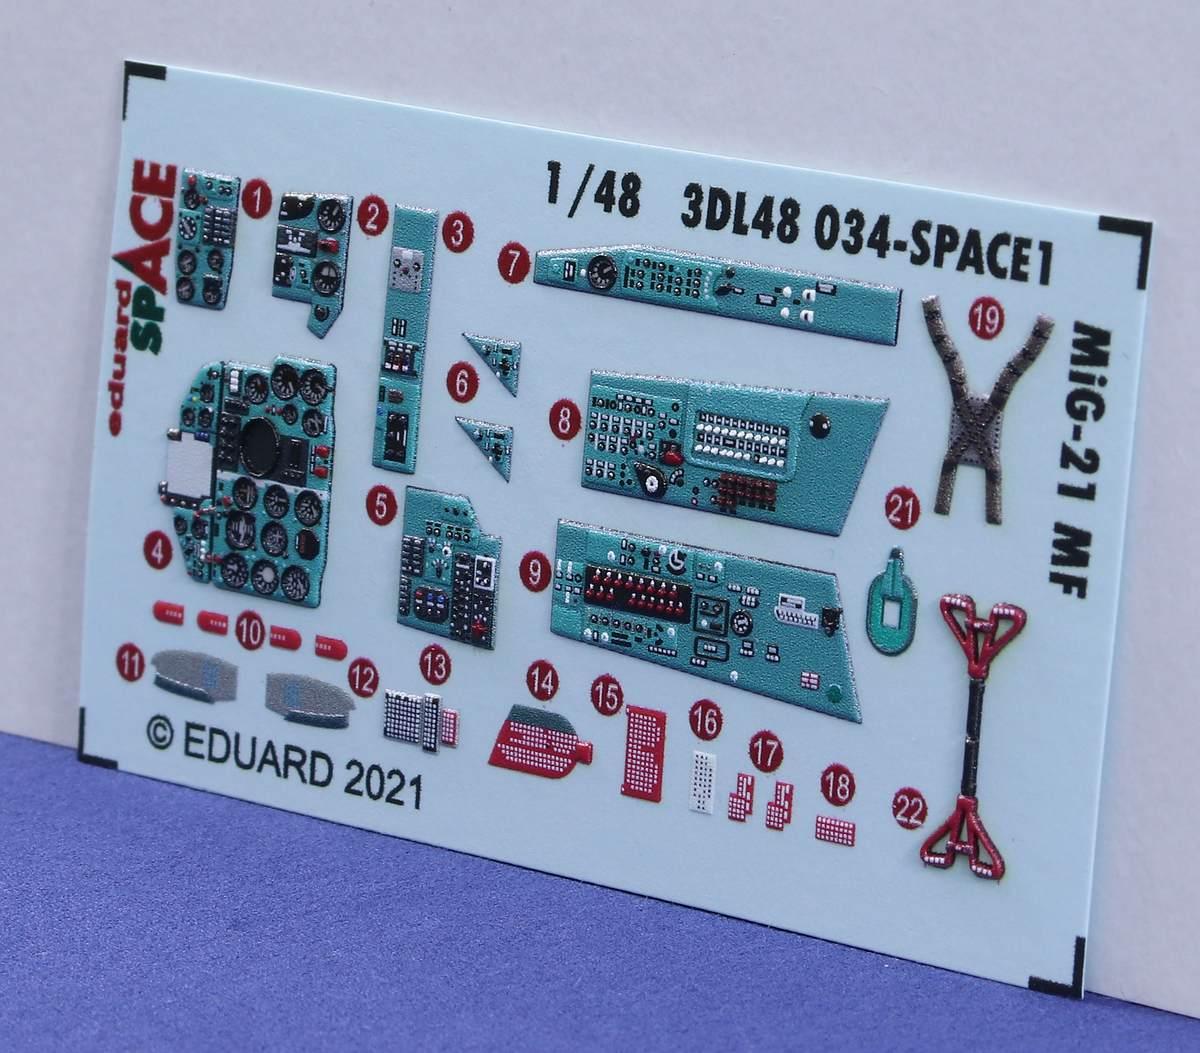 Eduard-3DL48034-Space-MiG-21-MF-4 Eduard SPACE für die MiG-21 MF # 3DL48034